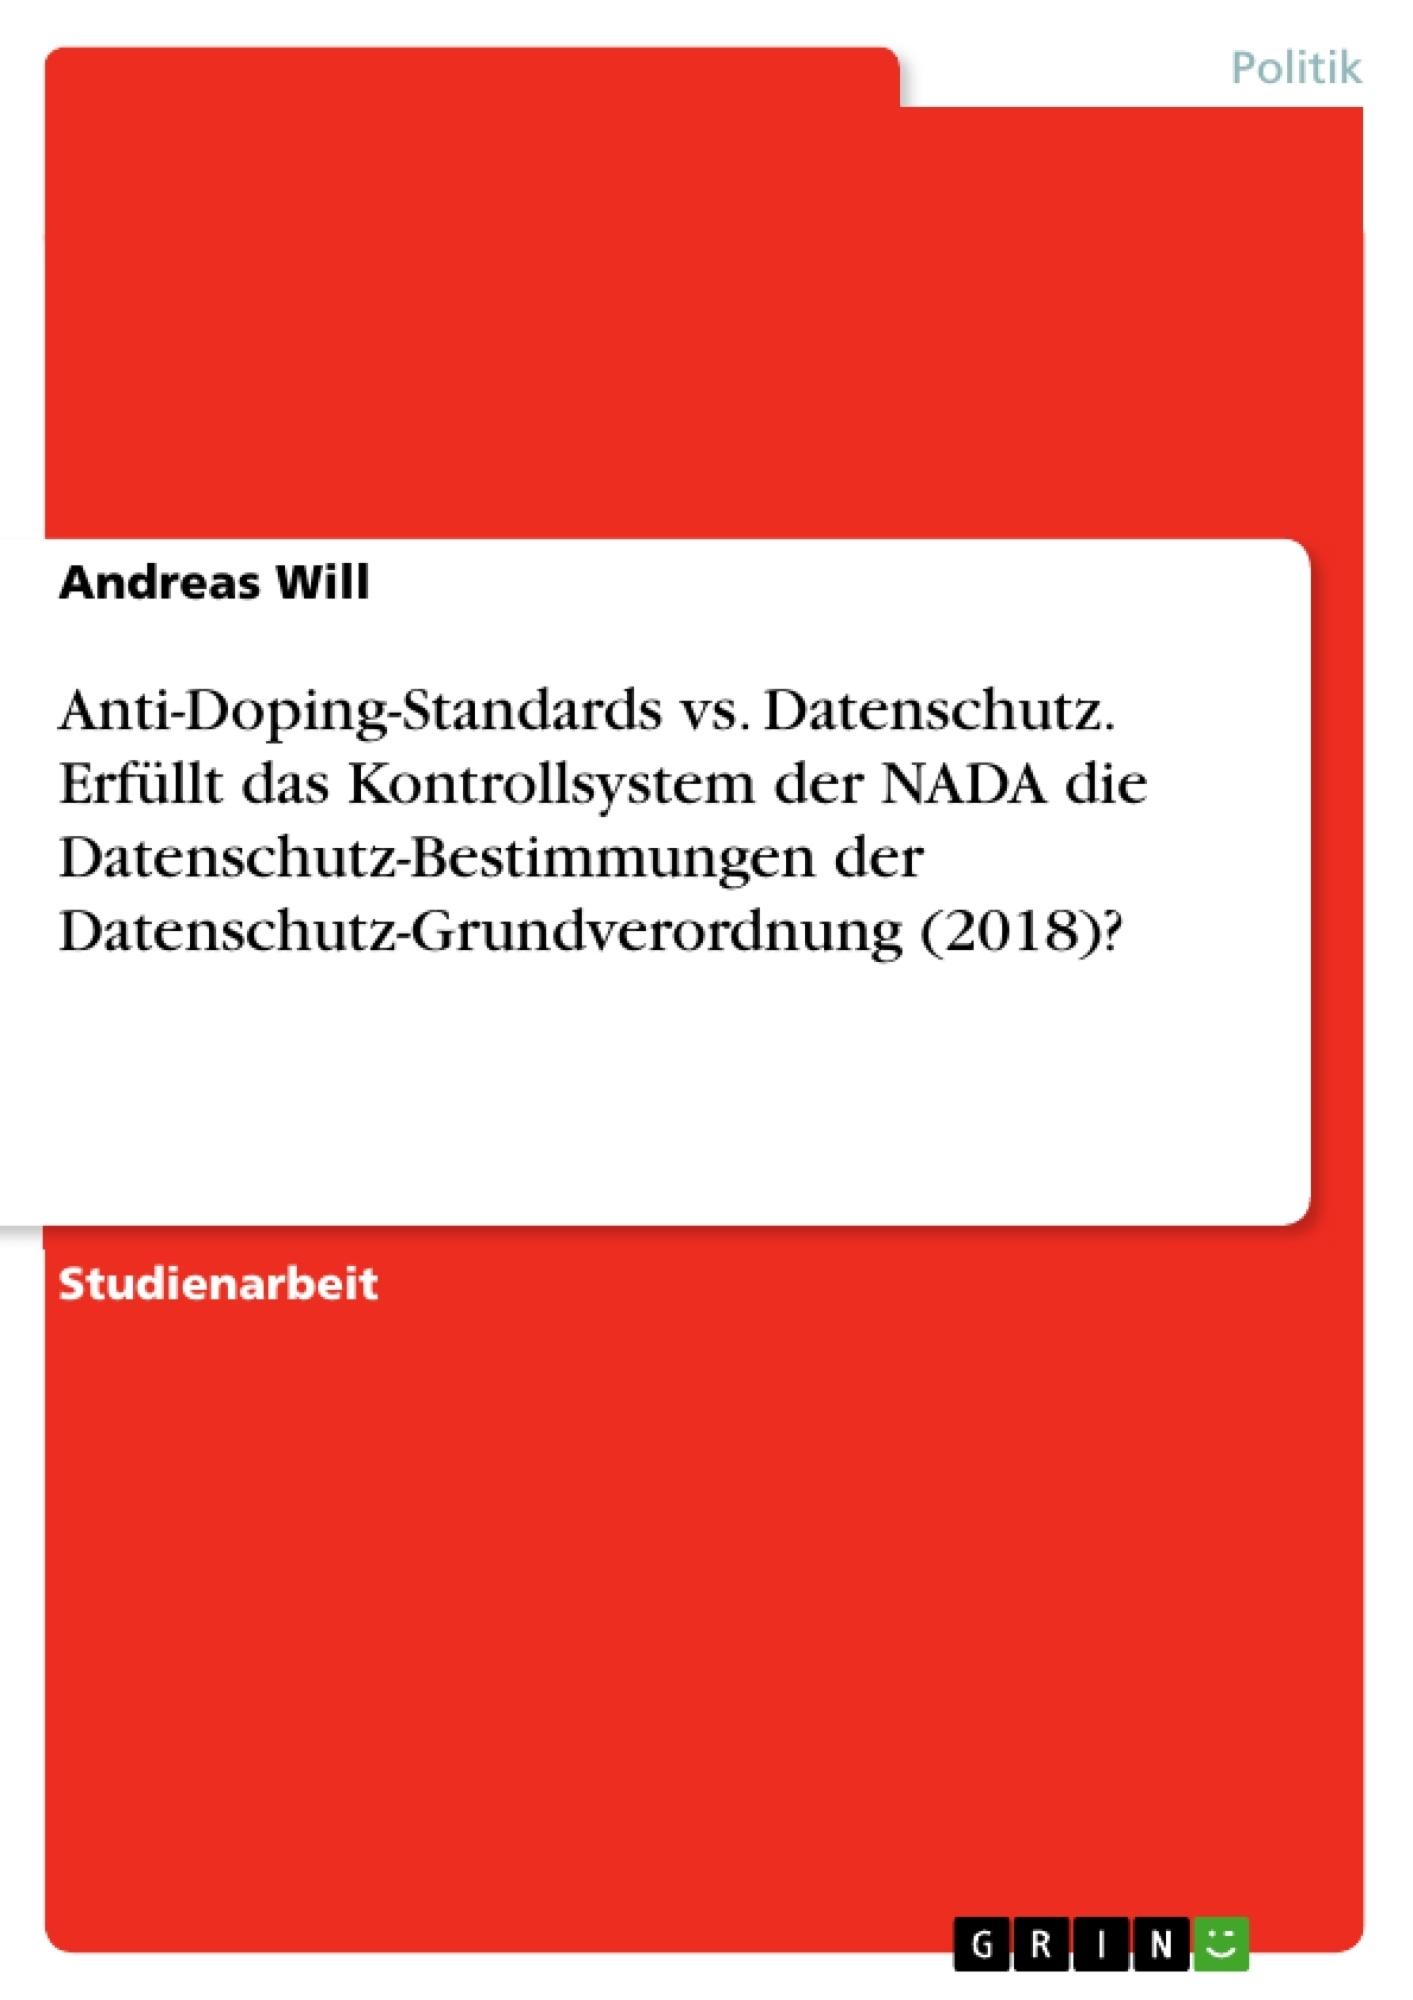 Titel: Anti-Doping-Standards vs. Datenschutz. Erfüllt das Kontrollsystem der NADA die Datenschutz-Bestimmungen der Datenschutz-Grundverordnung (2018)?